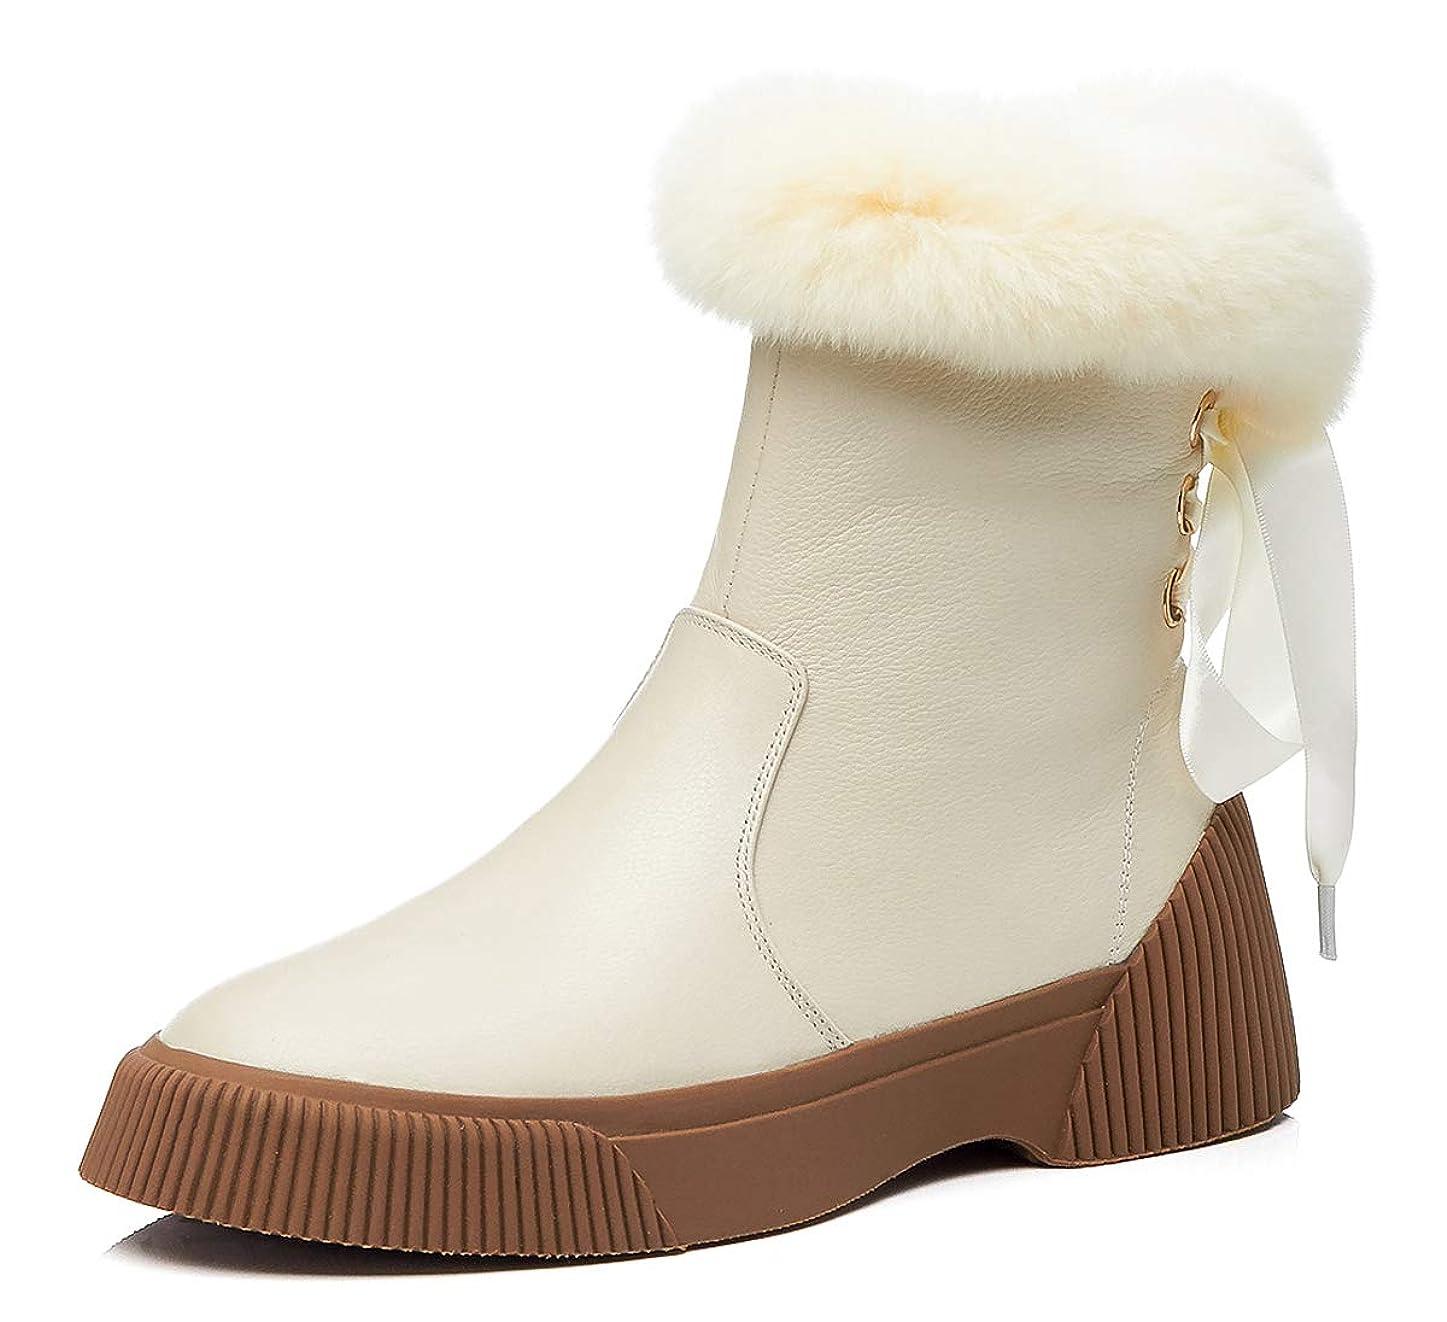 独特の話す許可する[チカル] CHICULL レディース ブーツ 裏起毛 ショートブーツ 厚底 アンクルブーツ バック リボン スニーカー 羊毛 ボアブーツ サイドジッパー プラットフォーム 4cm ヒール 身長 牛革 本革 レザー 秋冬 靴 カジュアル シューズ